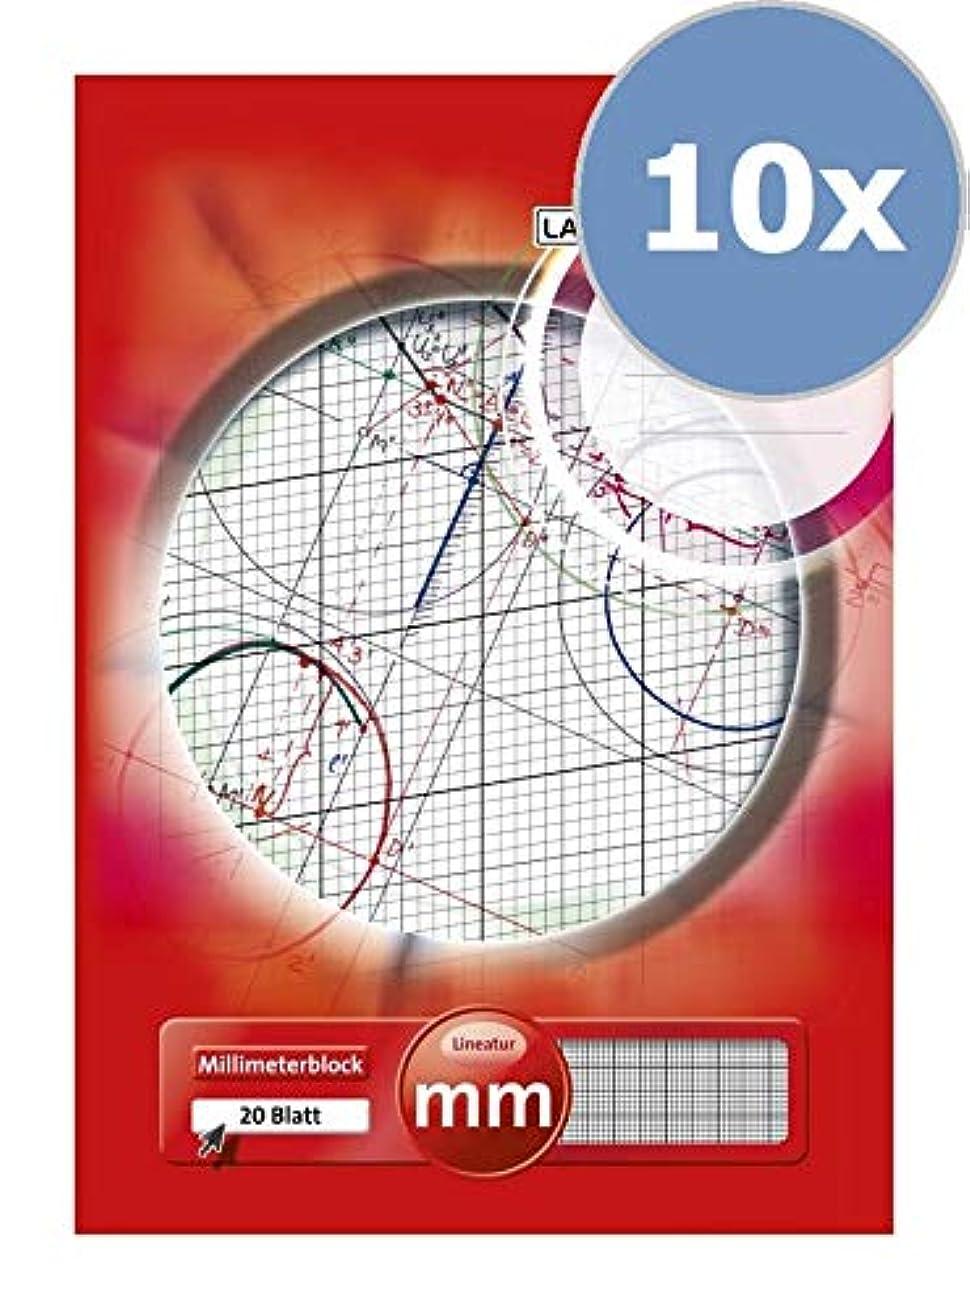 LANDRE 100050433 Millimetre Pad A3 80 g/m2 Millimetre Paper 20 Sheets Glued Line Colour Red Geometry